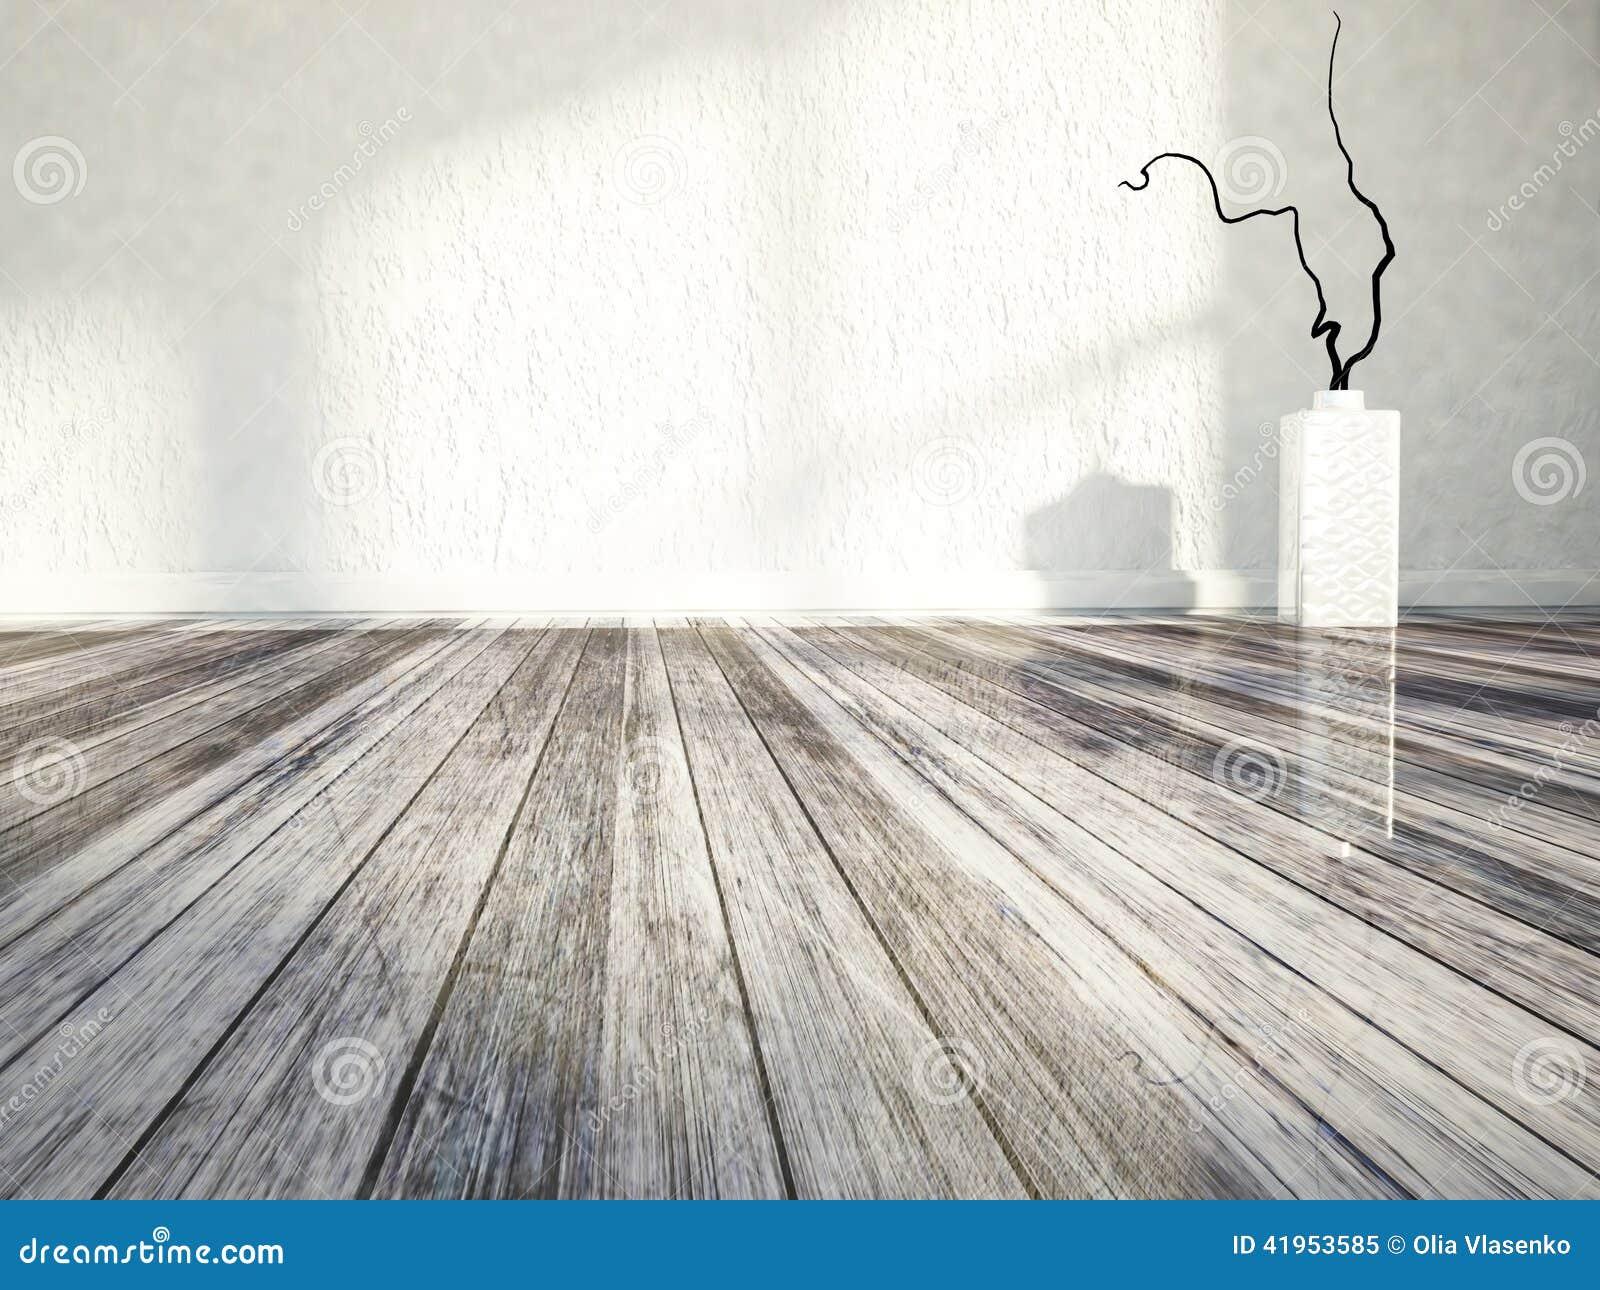 der vase auf dem boden stock abbildung illustration von. Black Bedroom Furniture Sets. Home Design Ideas